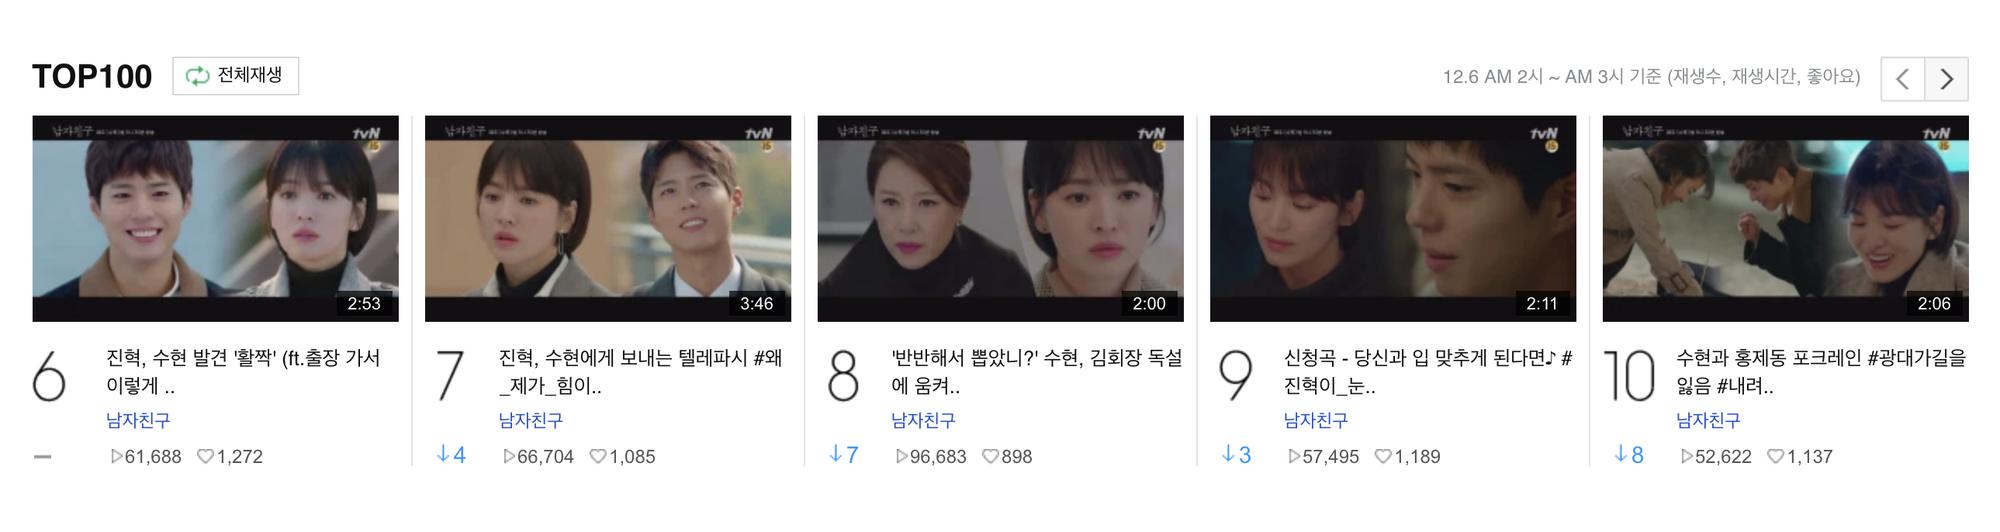 """Rating của """"Encounter"""" giảm nhẹ ngay cả khi Park Bo Gum nói nhớ Song Hye Kyo - Ảnh 6."""